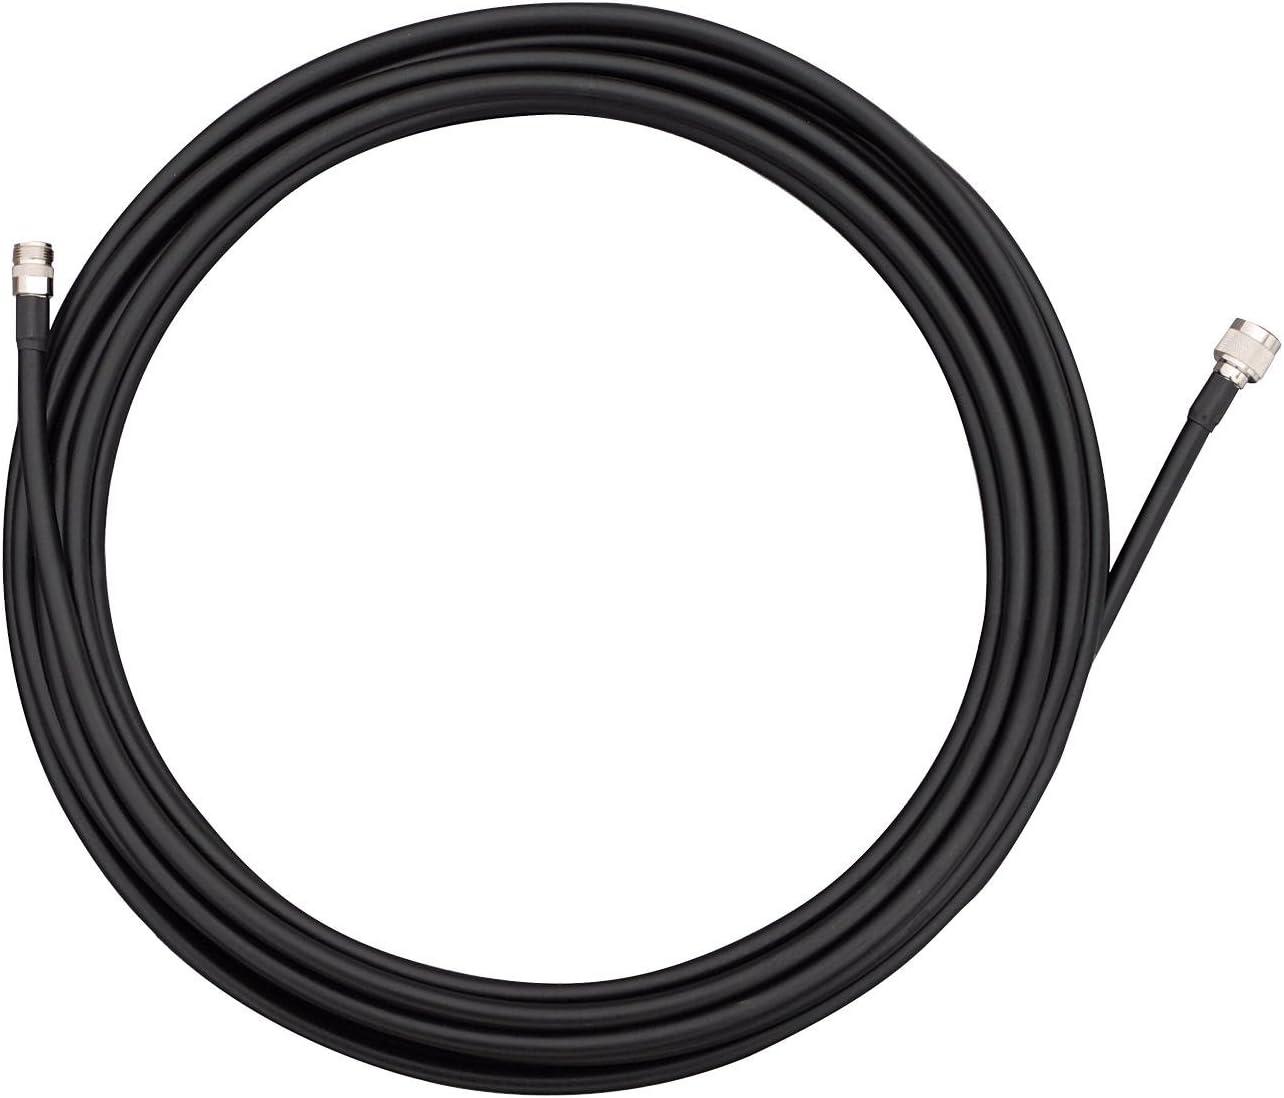 TP-Link TL-ANT24EC12N - Cable alargador de antena, Negro, 12 metros